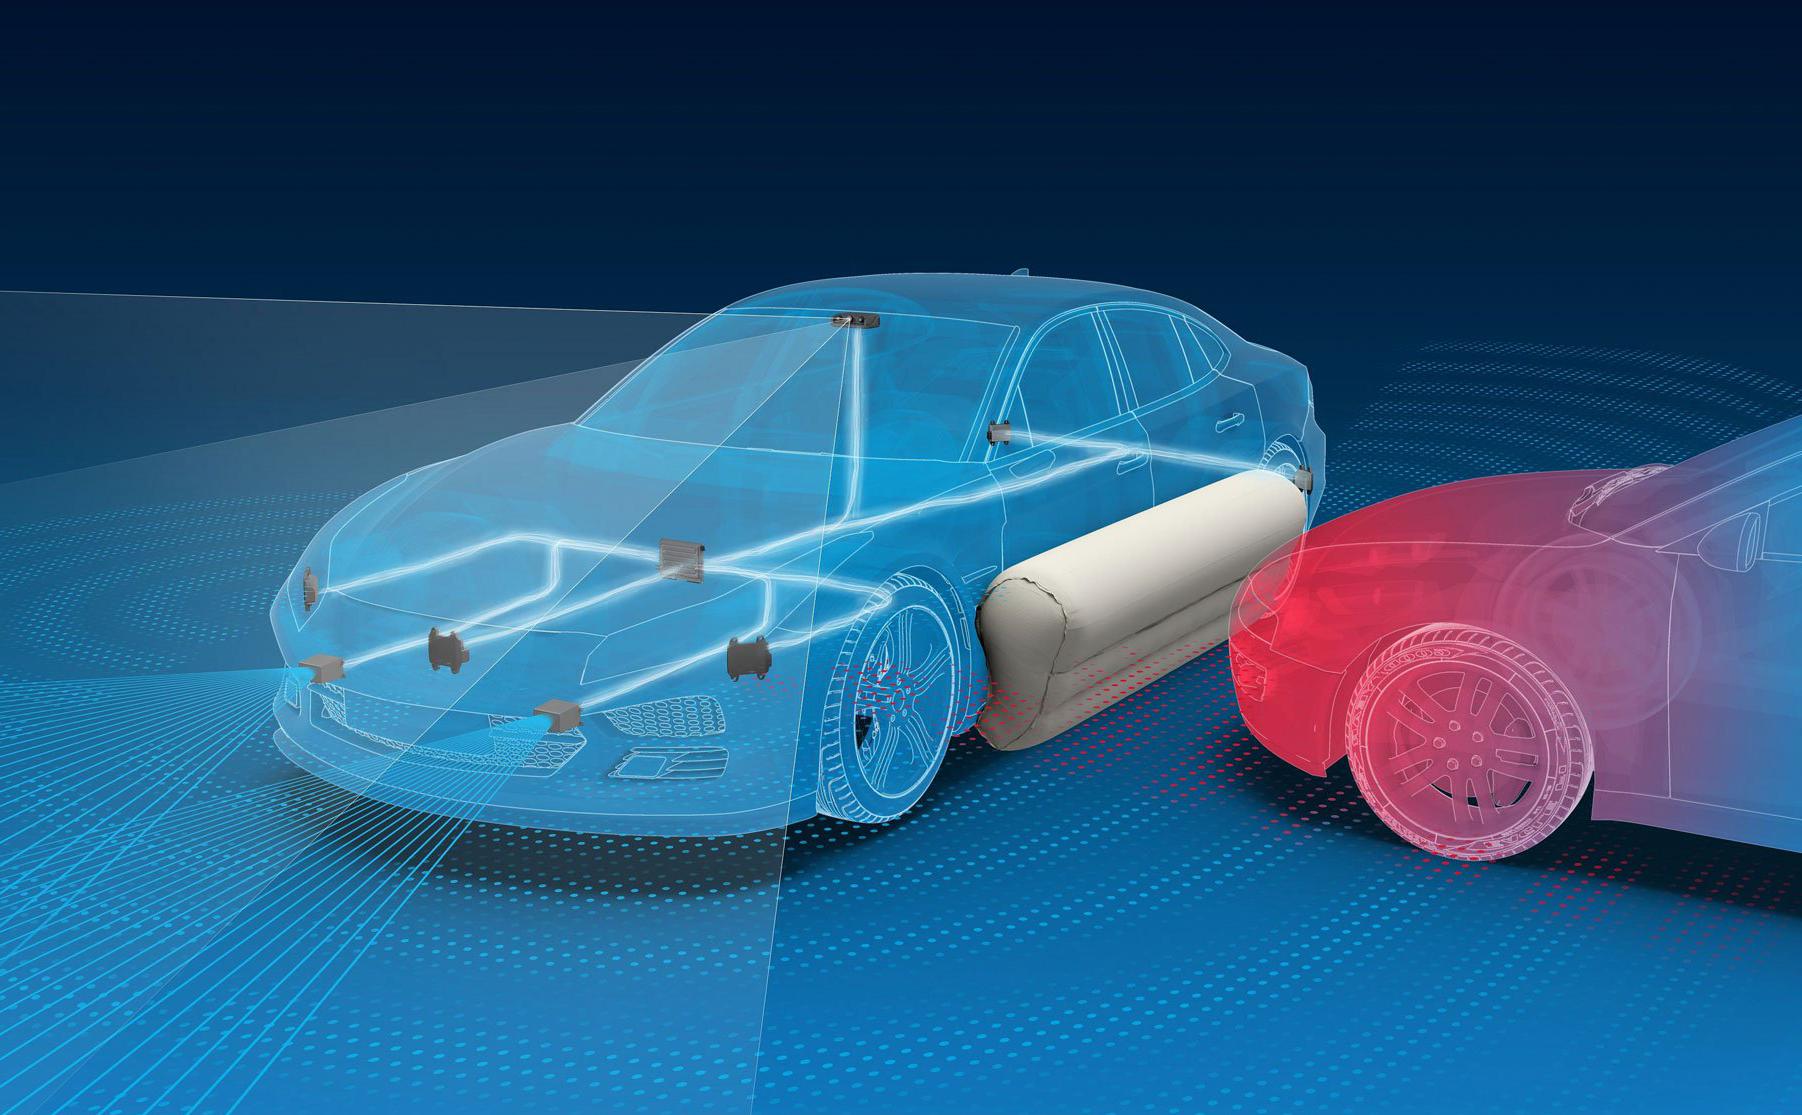 Túi khí bên ngoài xe hơi giúp bảo vệ xe và hành khách khi va chạm 3